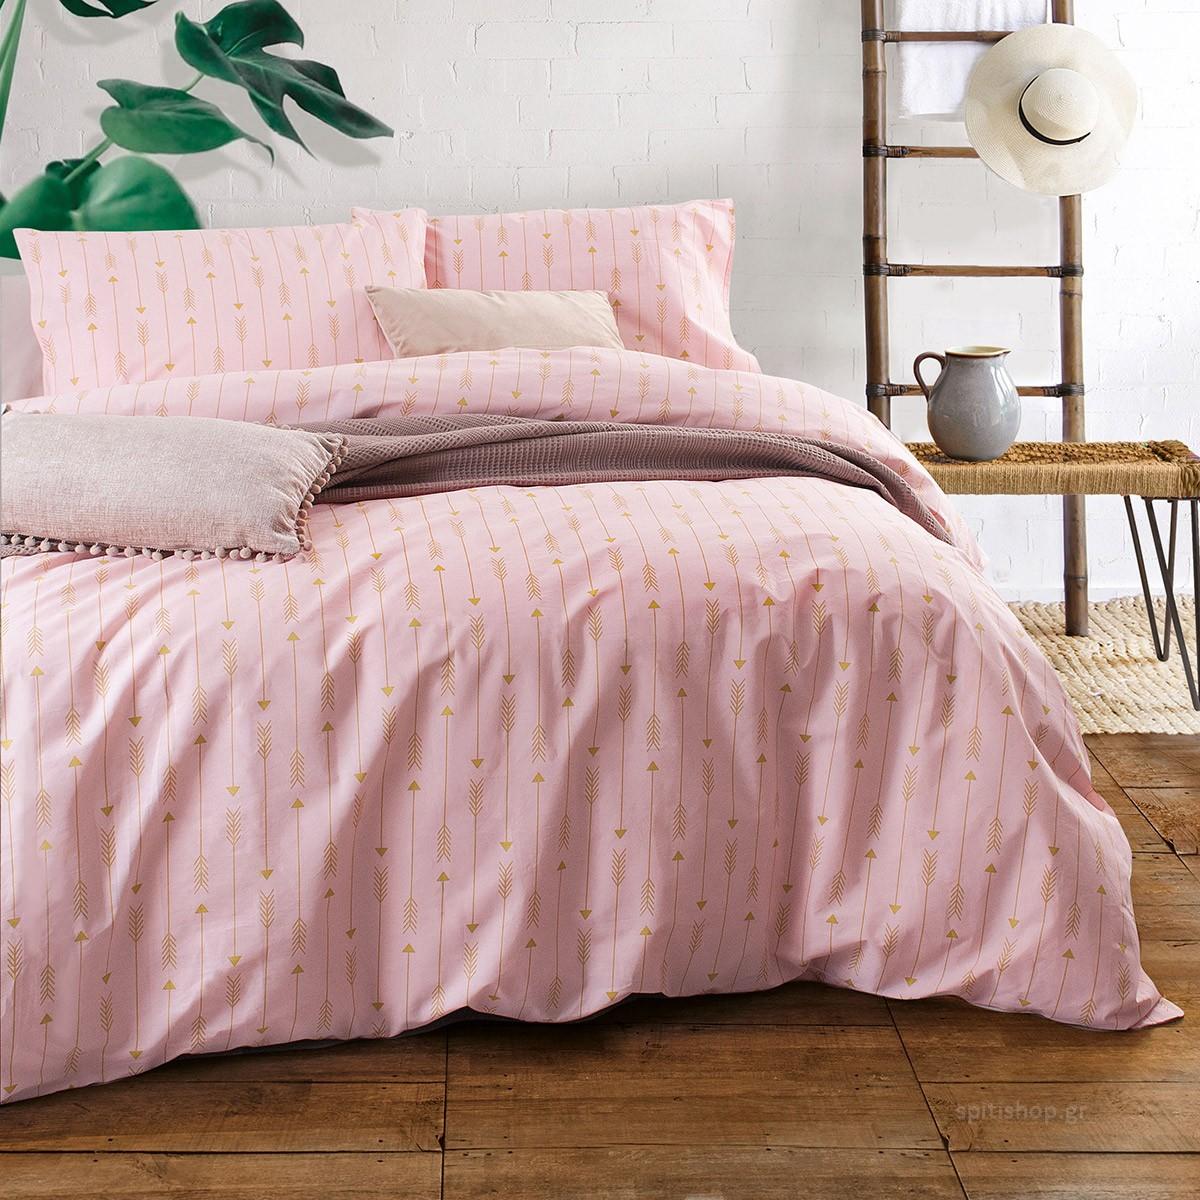 Πάπλωμα Υπέρδιπλο (Σετ) Rythmos Diva Arrow Pink